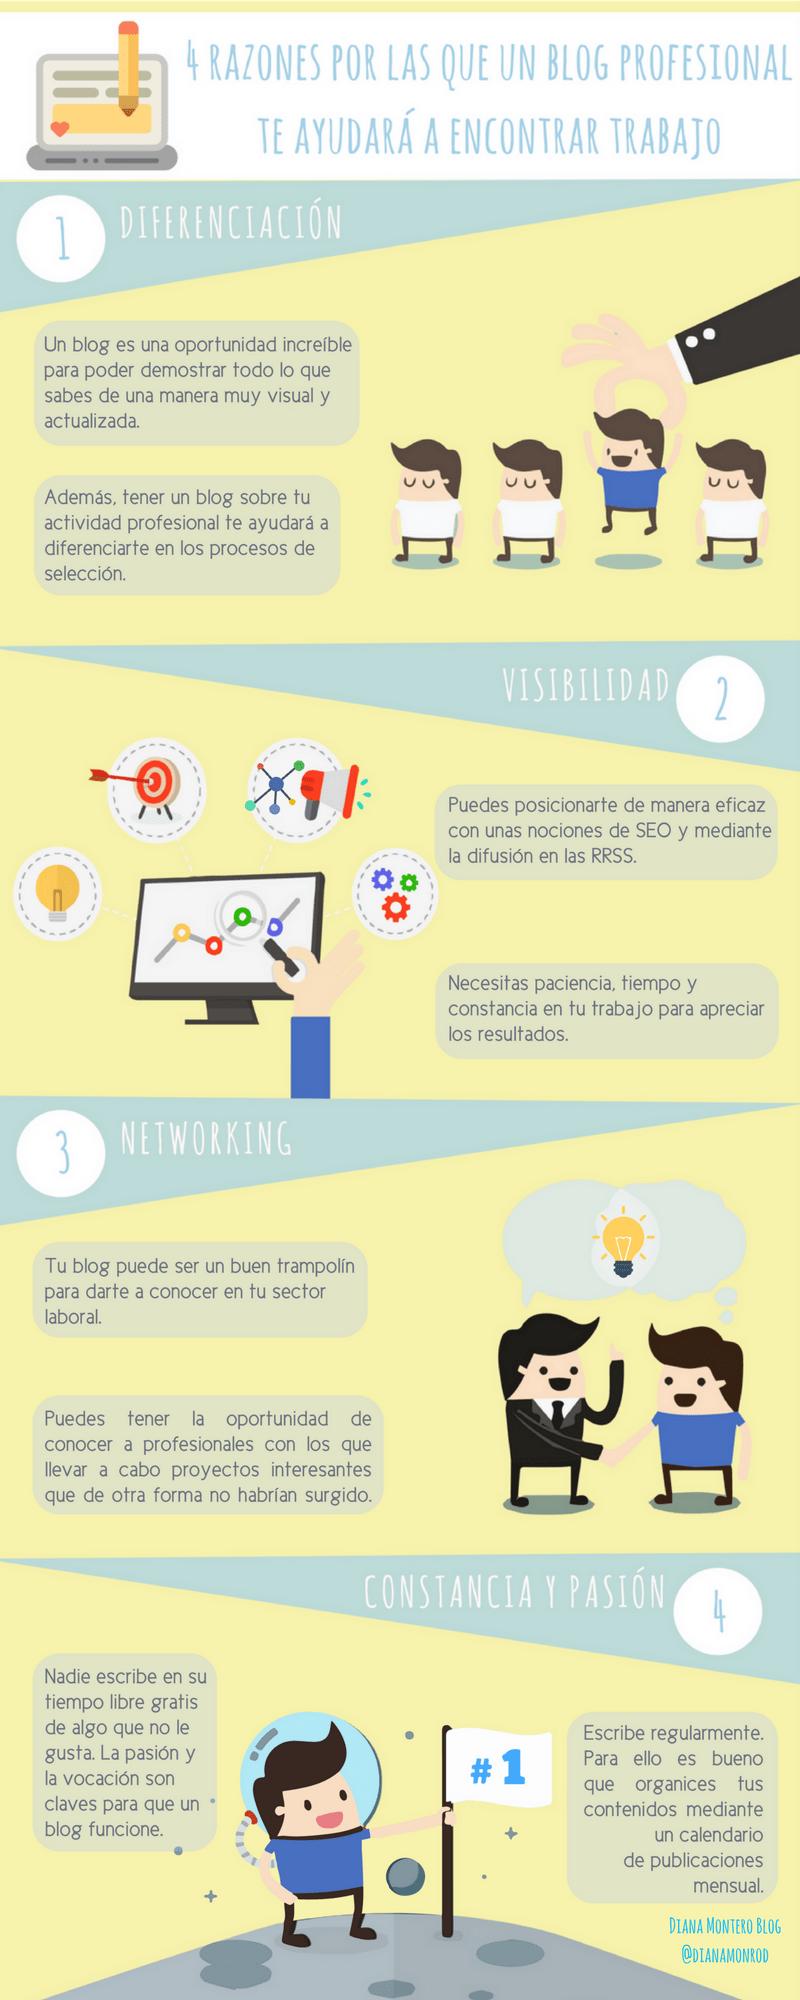 4 razones por las que un Blog profesional te ayuda a encontrar trabajo